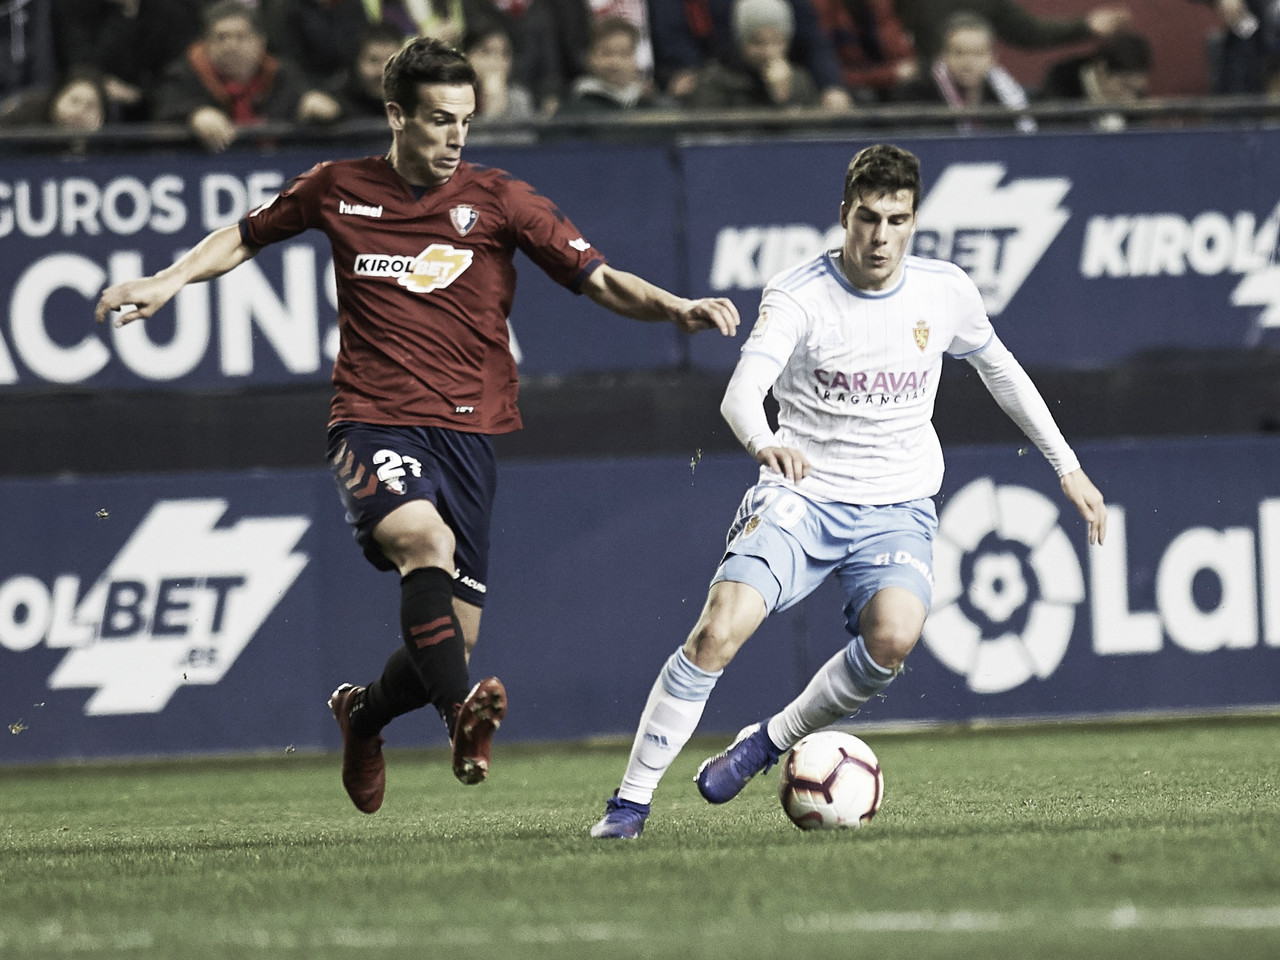 Las claves del Osasuna - Real Zaragoza